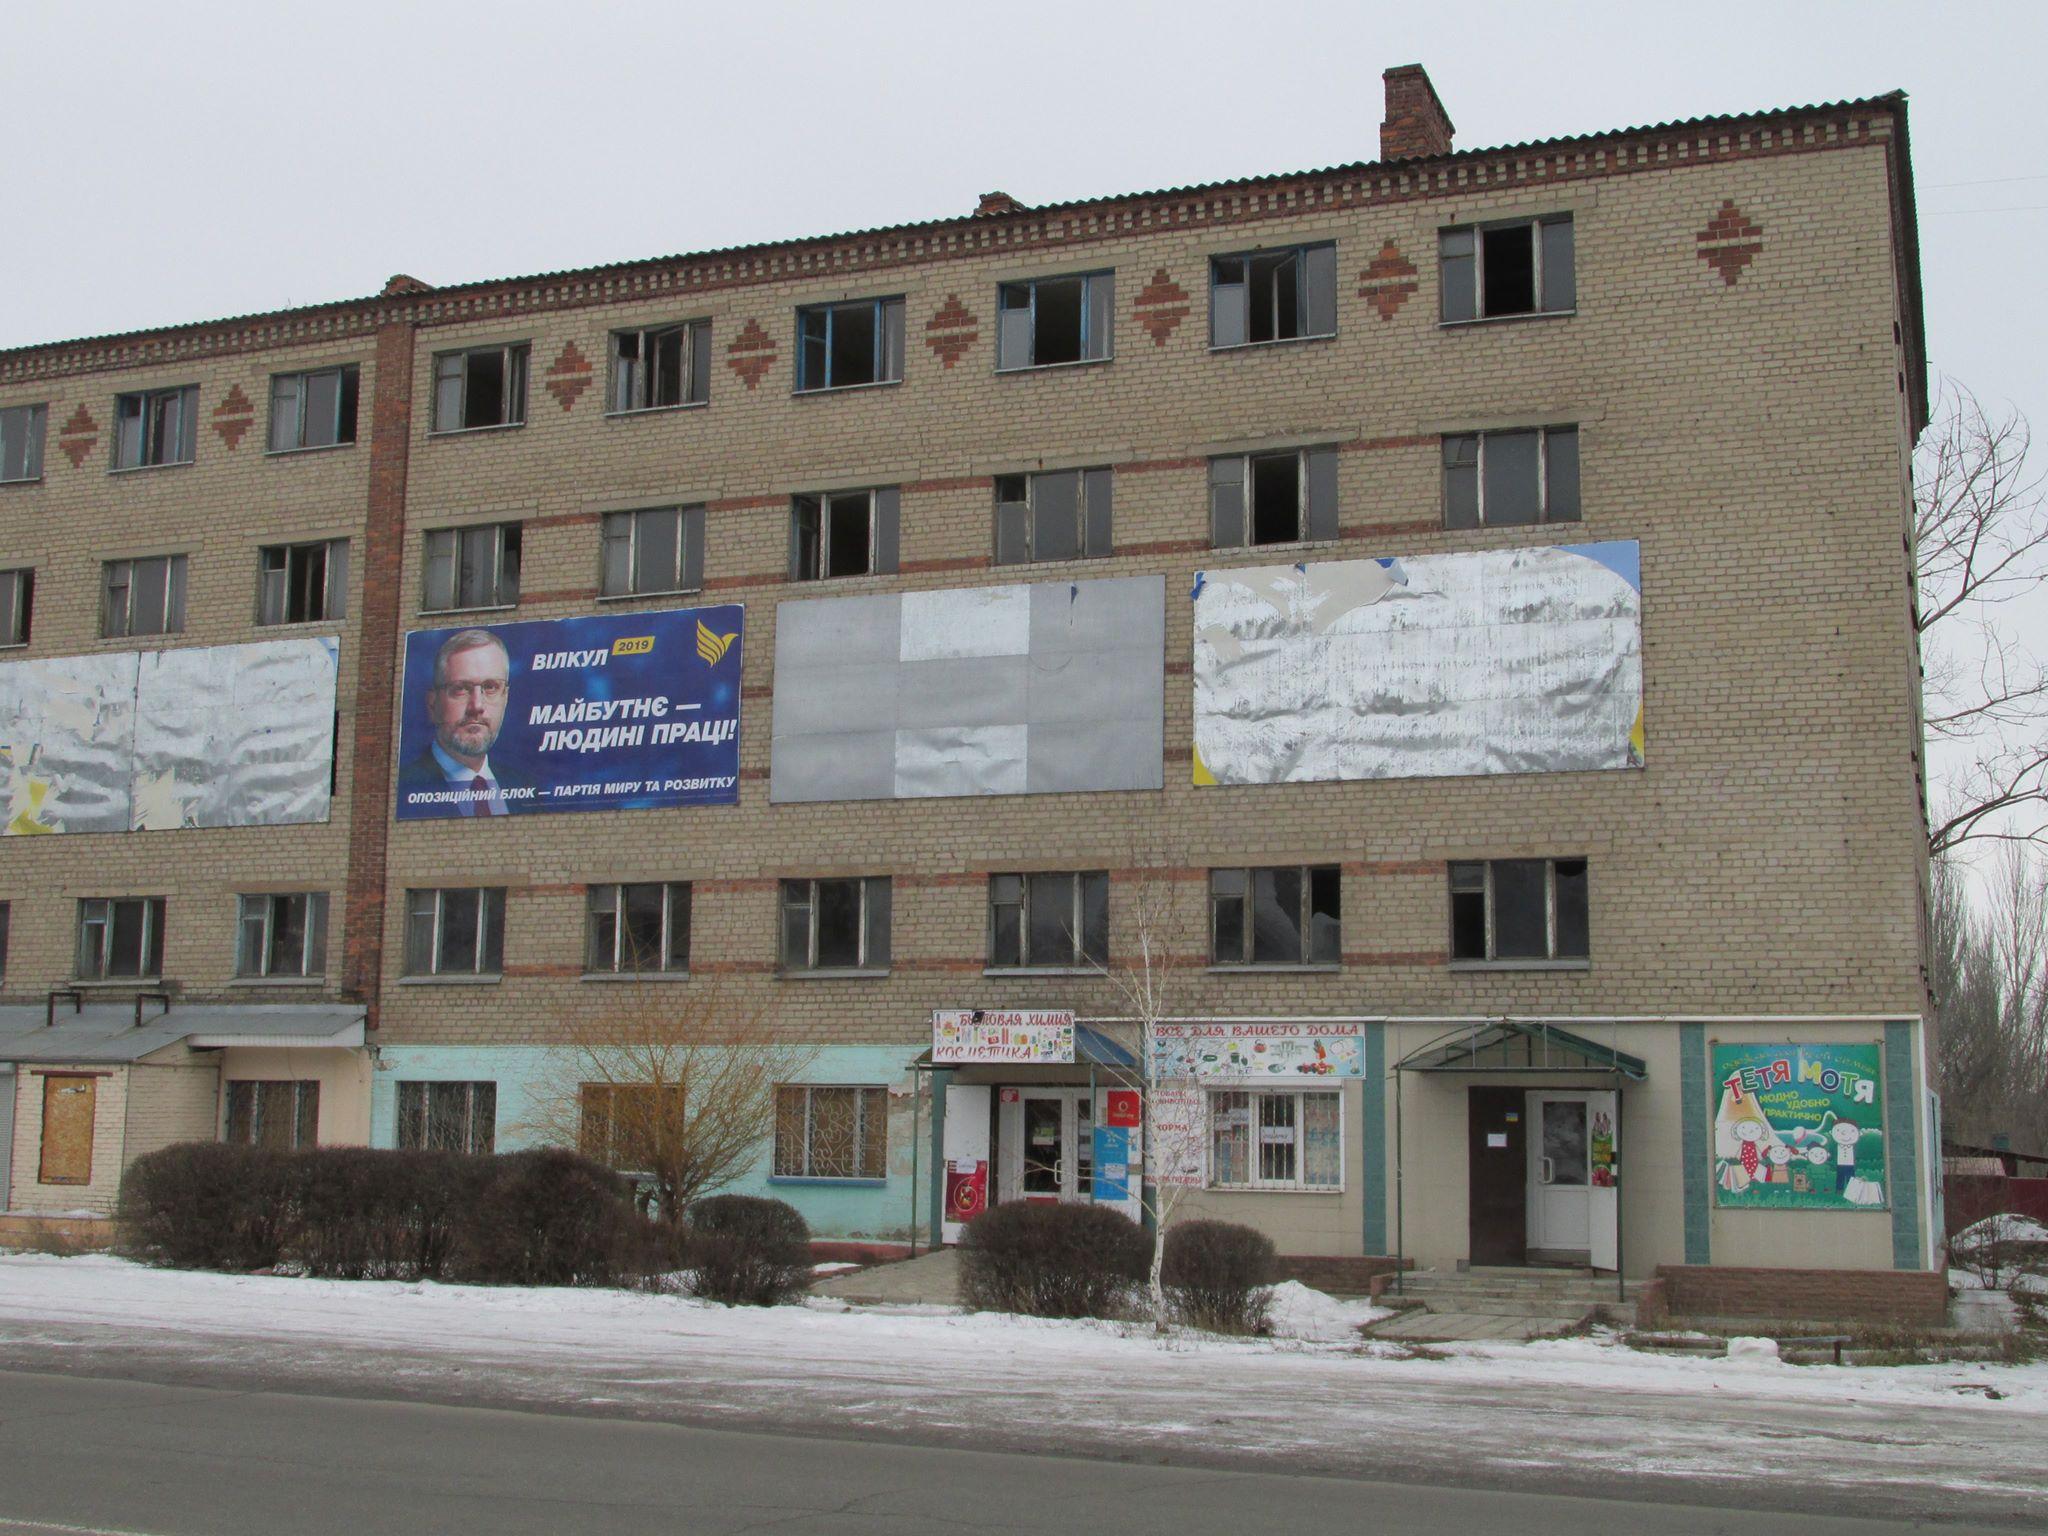 Константиновка в предверии выборов президента. Пустующи жилой дом. Только на первых этажах разместились магазинчик и аптека